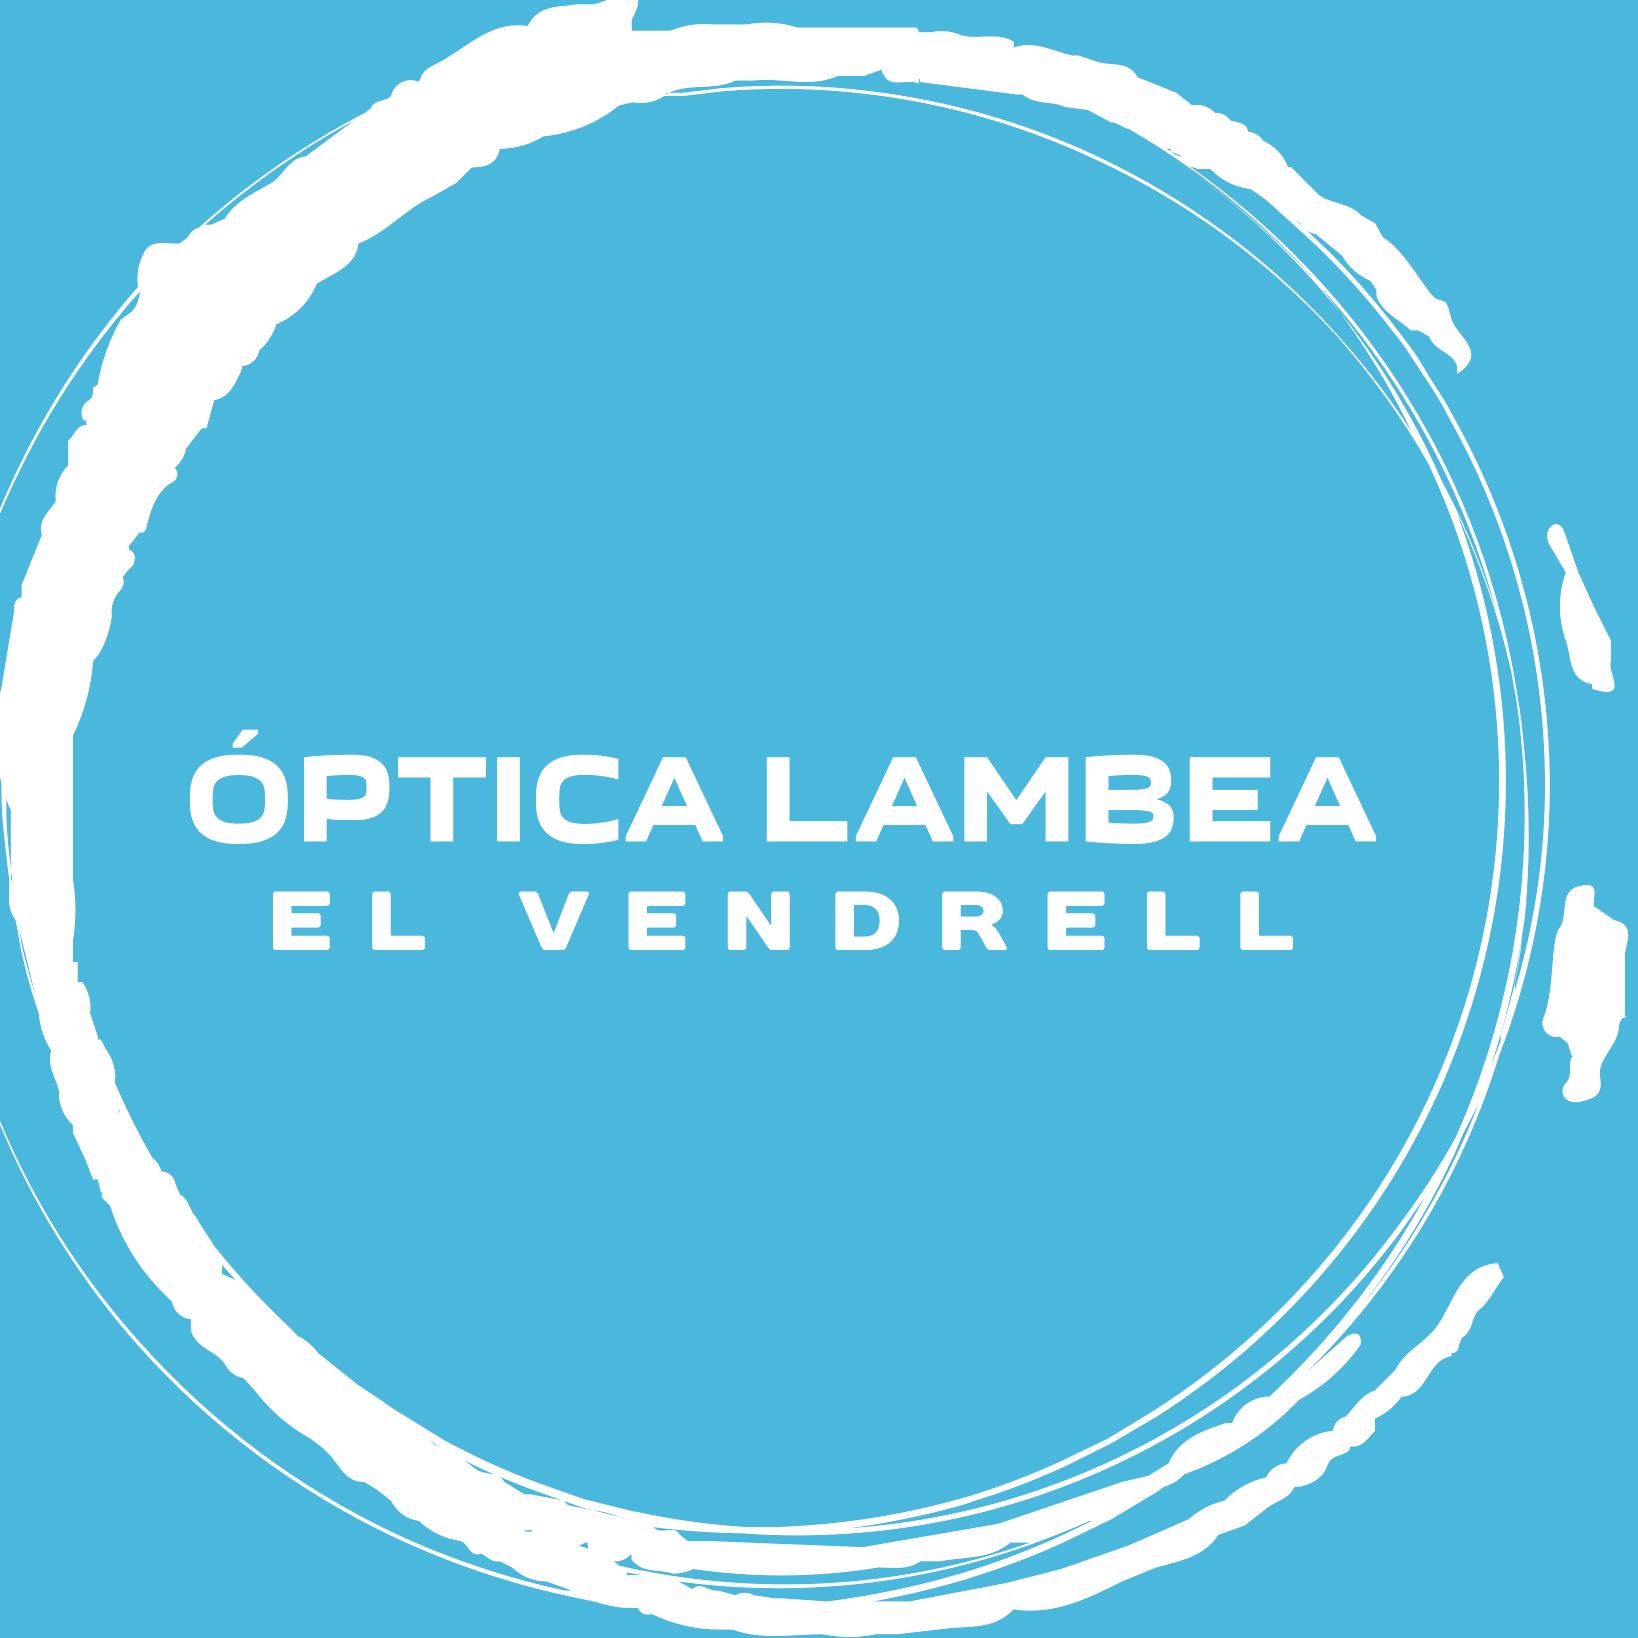 Opticalia Lambea